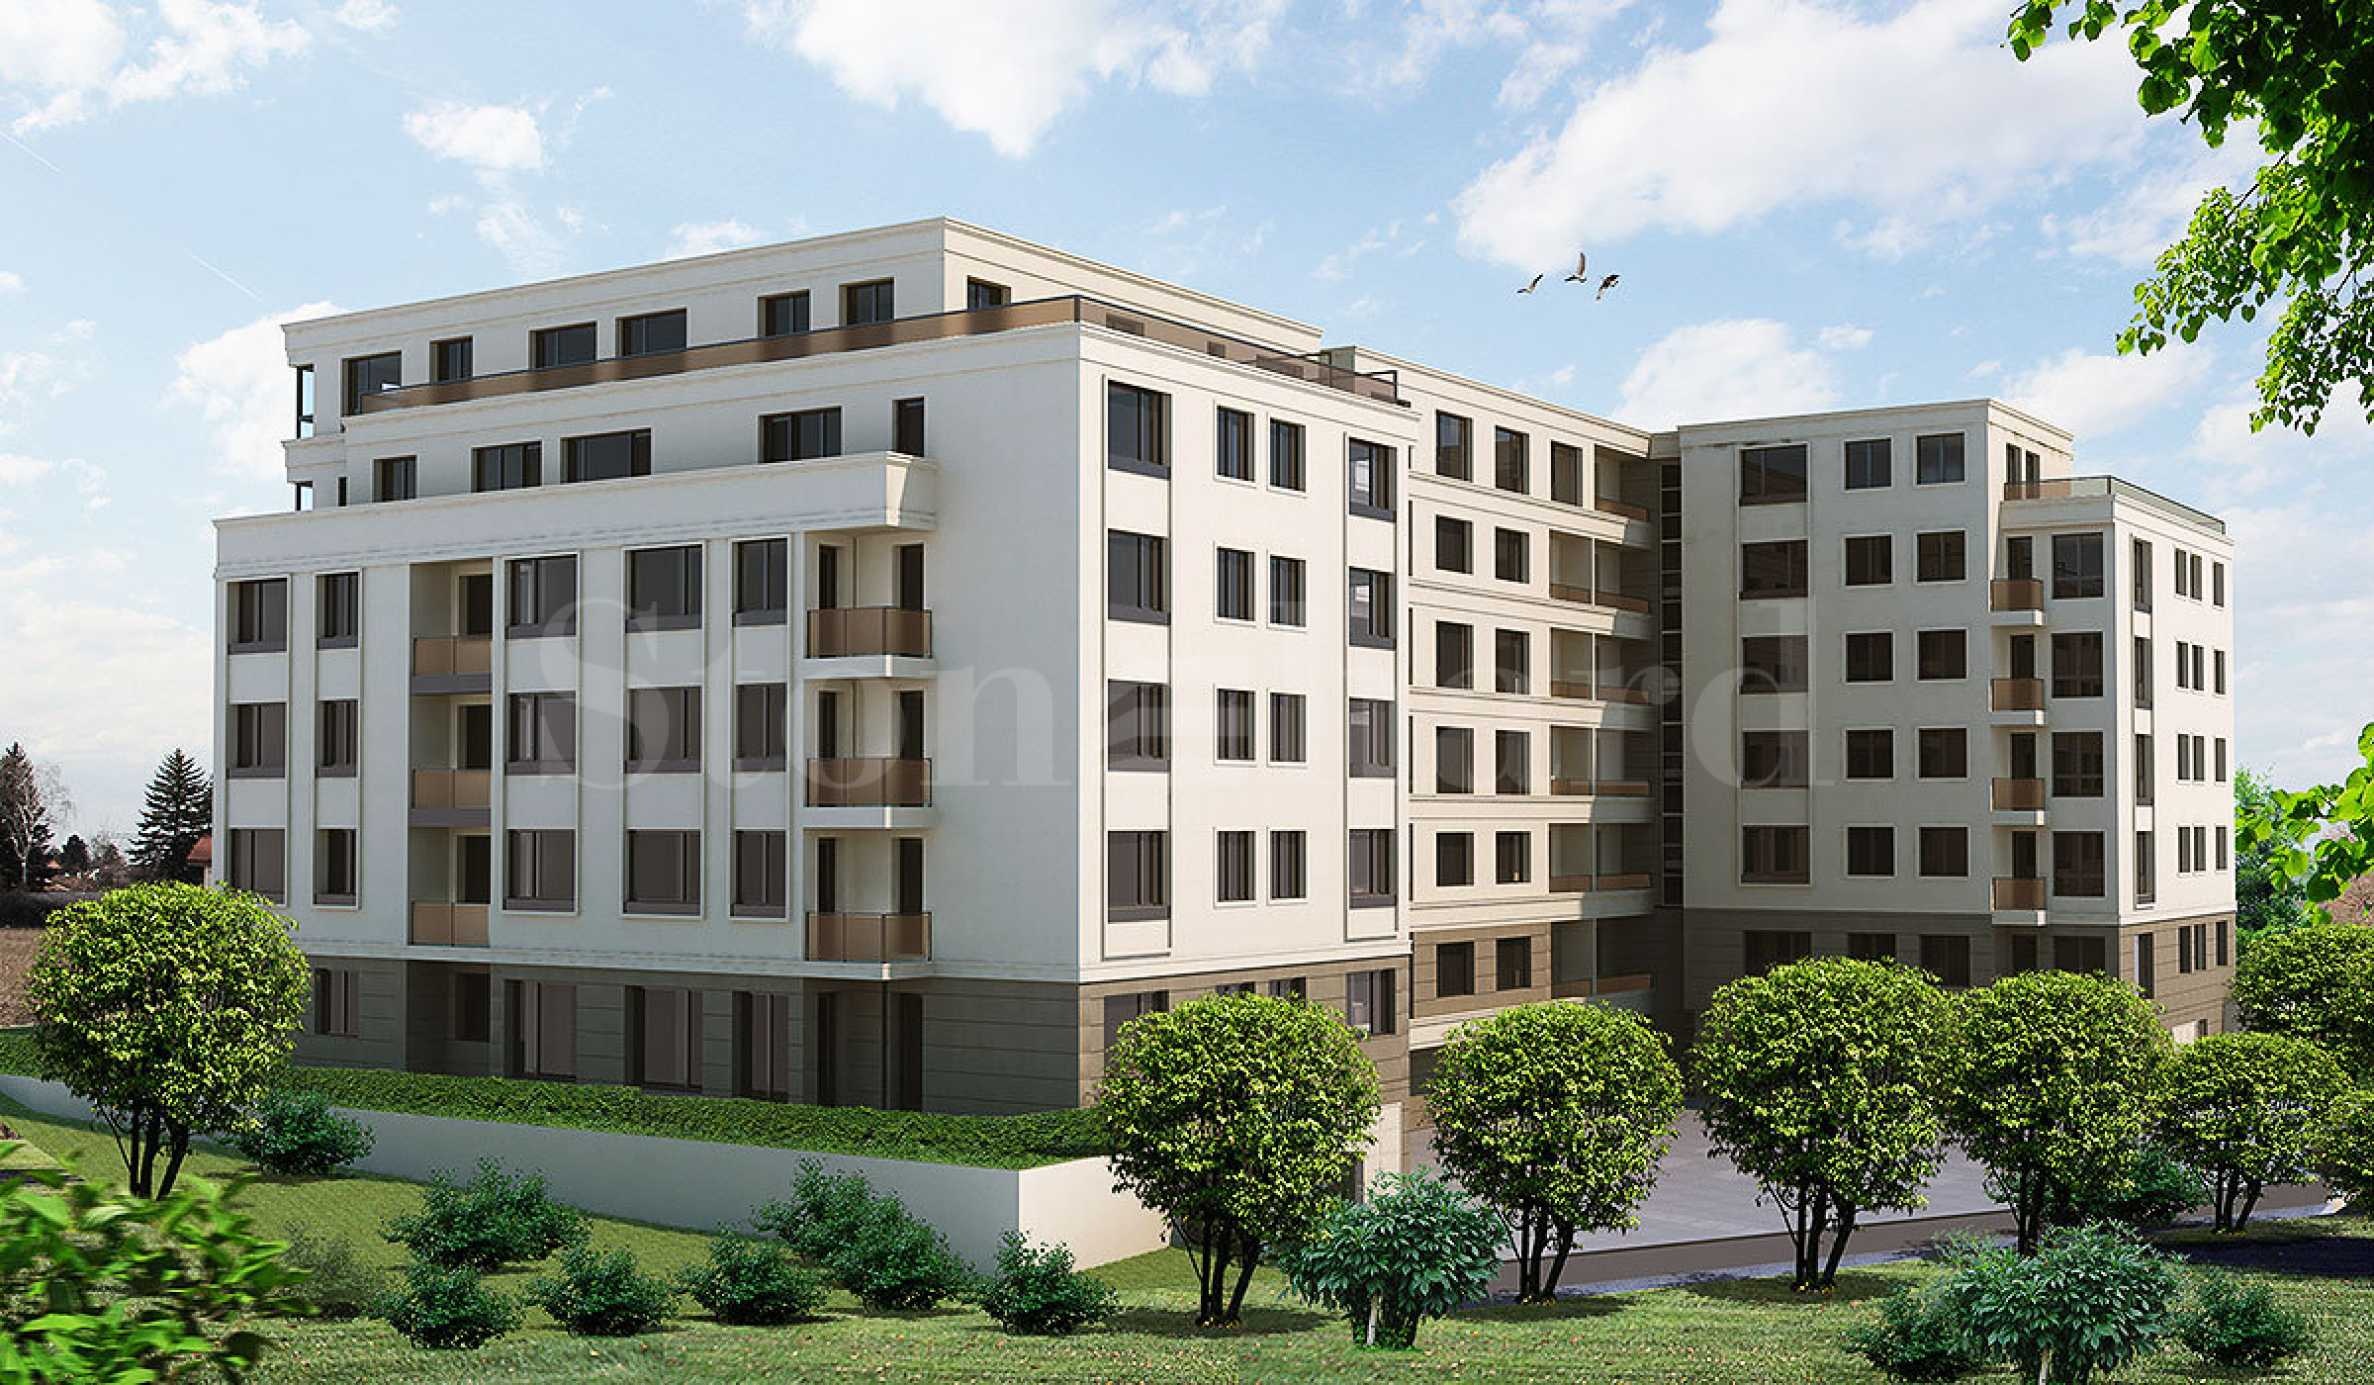 Елегантни апартаменти в модерна сграда до мол и метростанция  2 - Stonehard